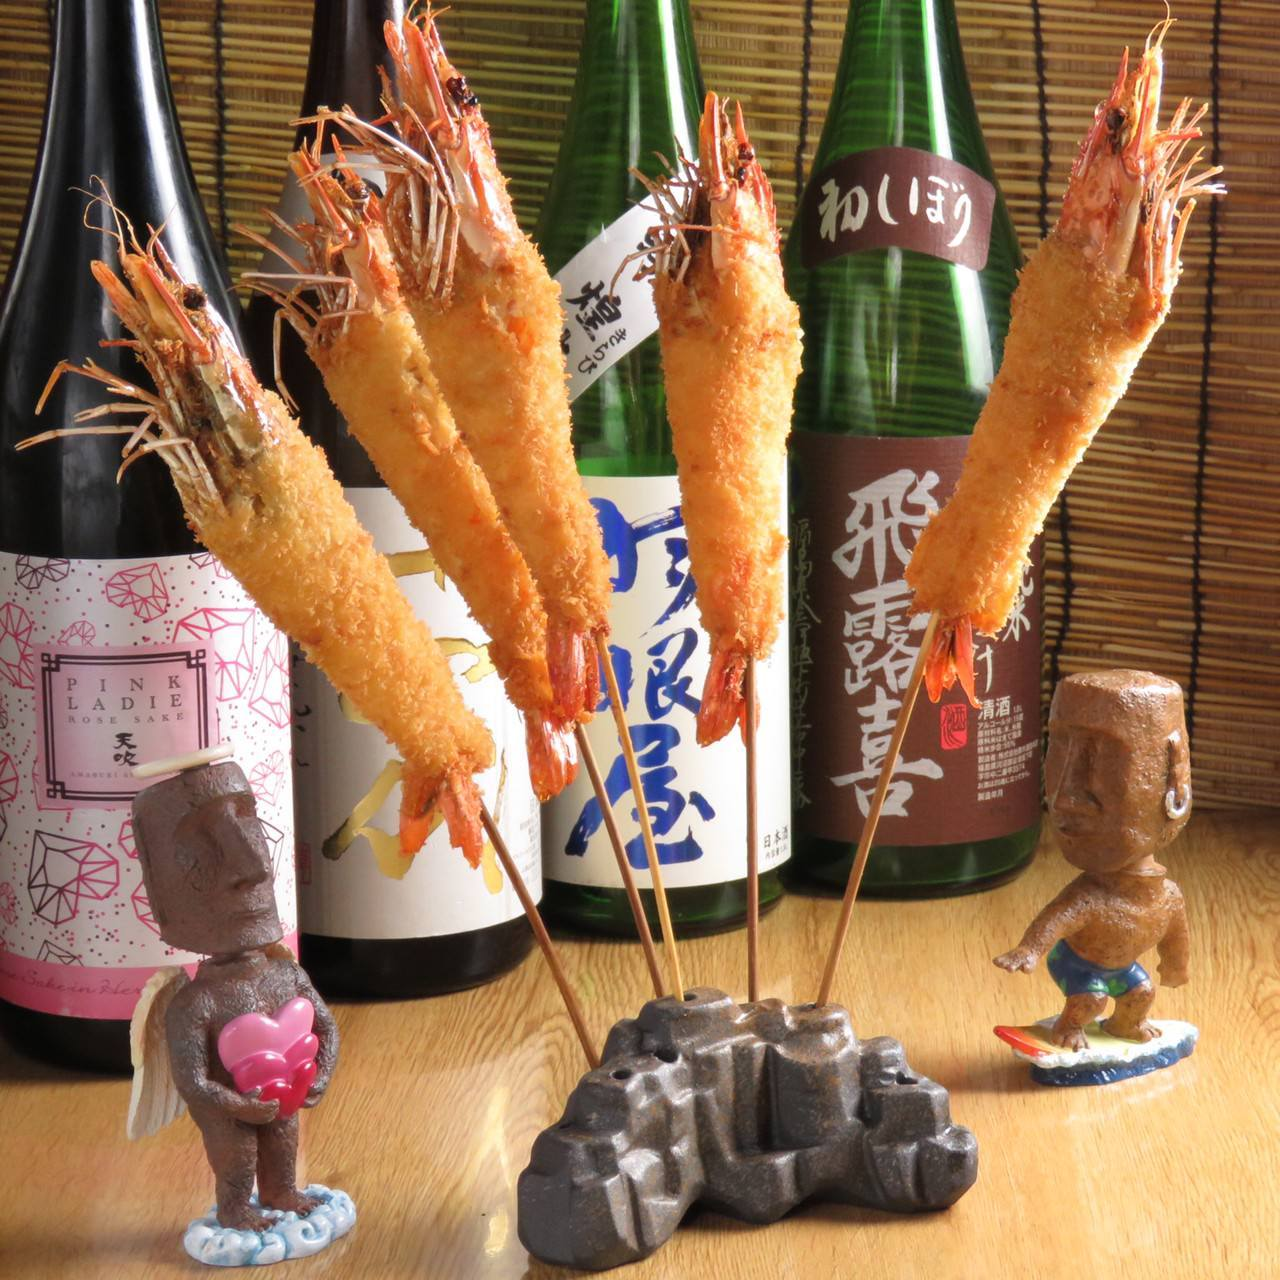 串カツともつ鍋とかすうどん居酒屋 しゃかりき432゛梅田堂山店